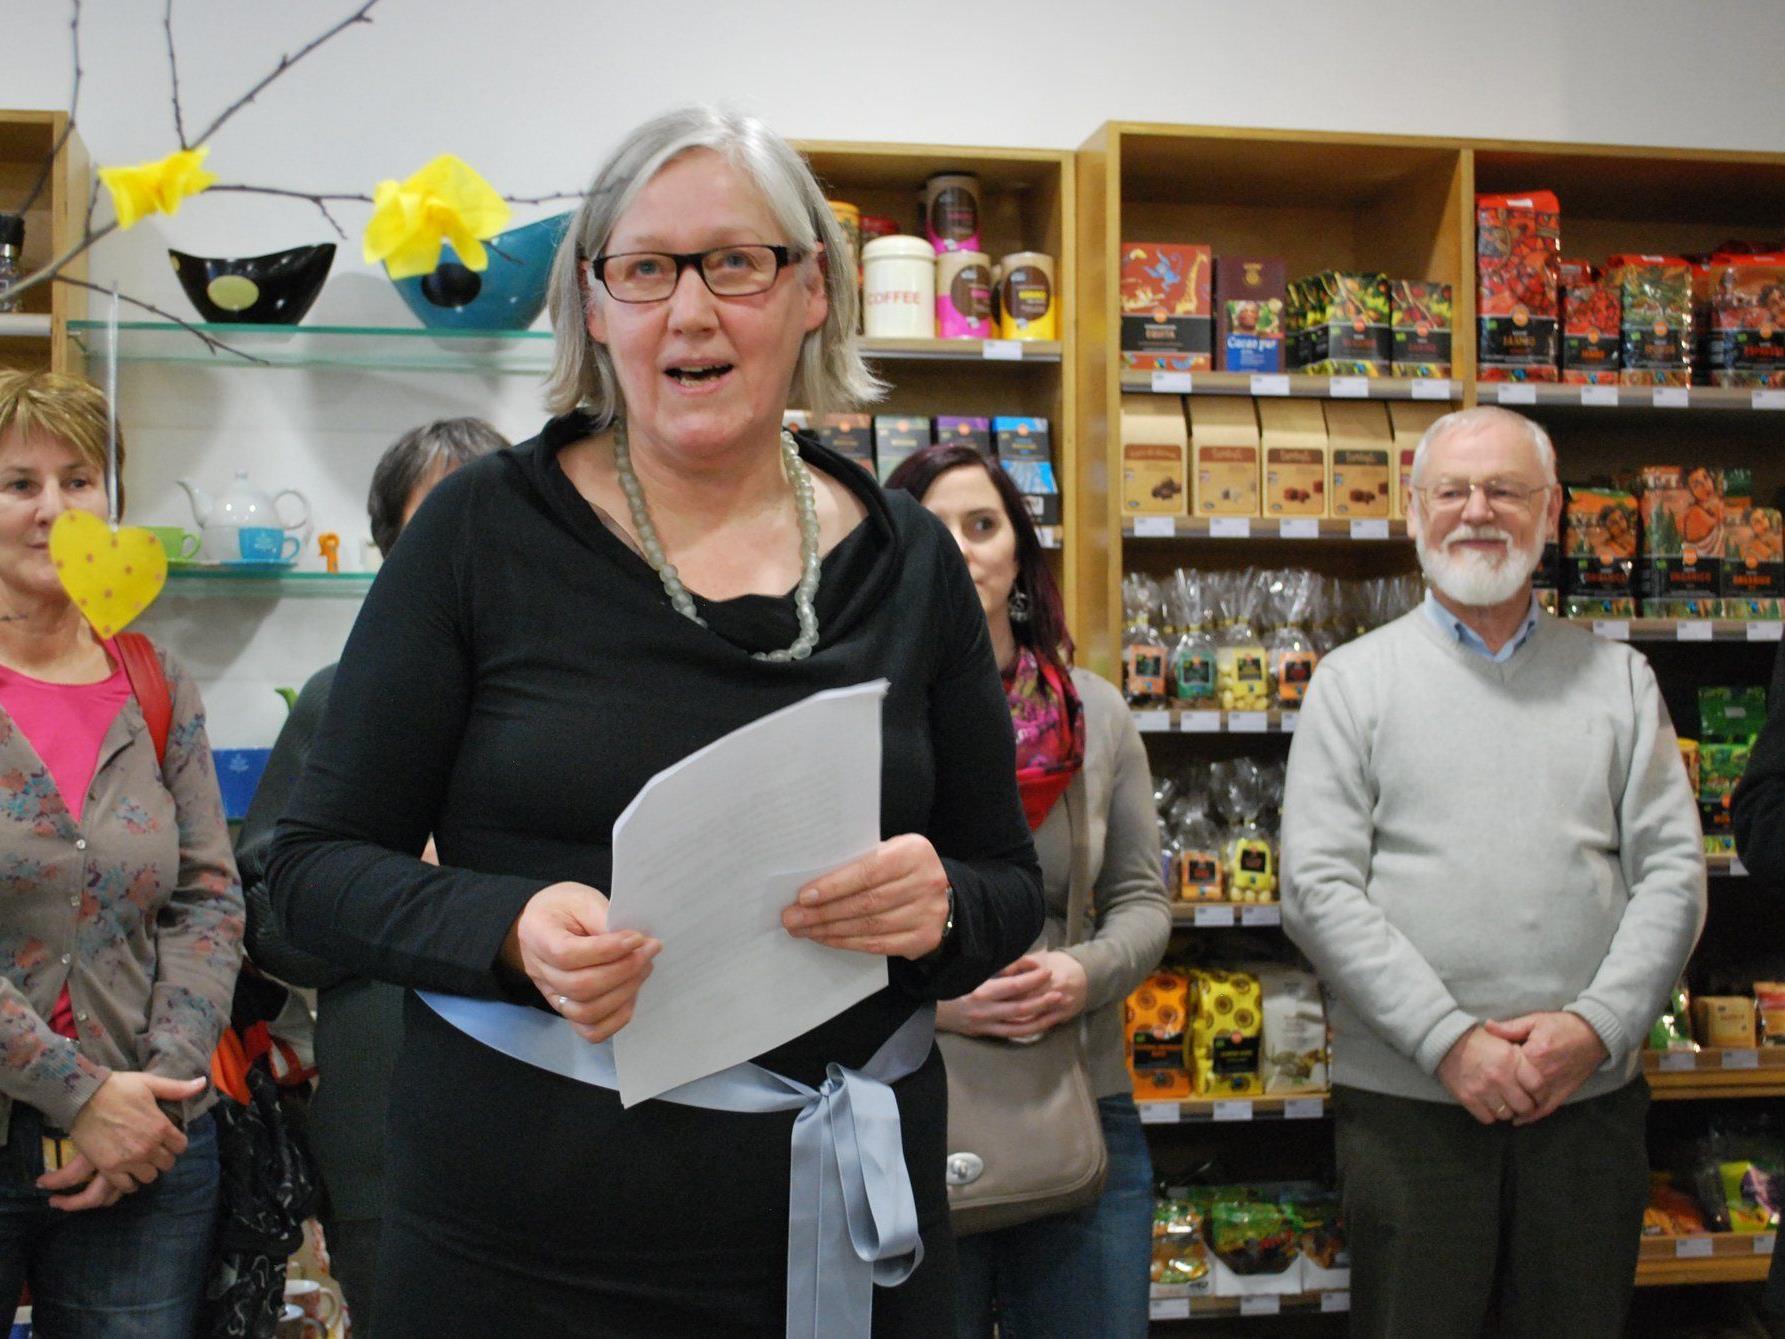 Geschäftsführerin Marie-Luise Patak begrüßt die Gäste